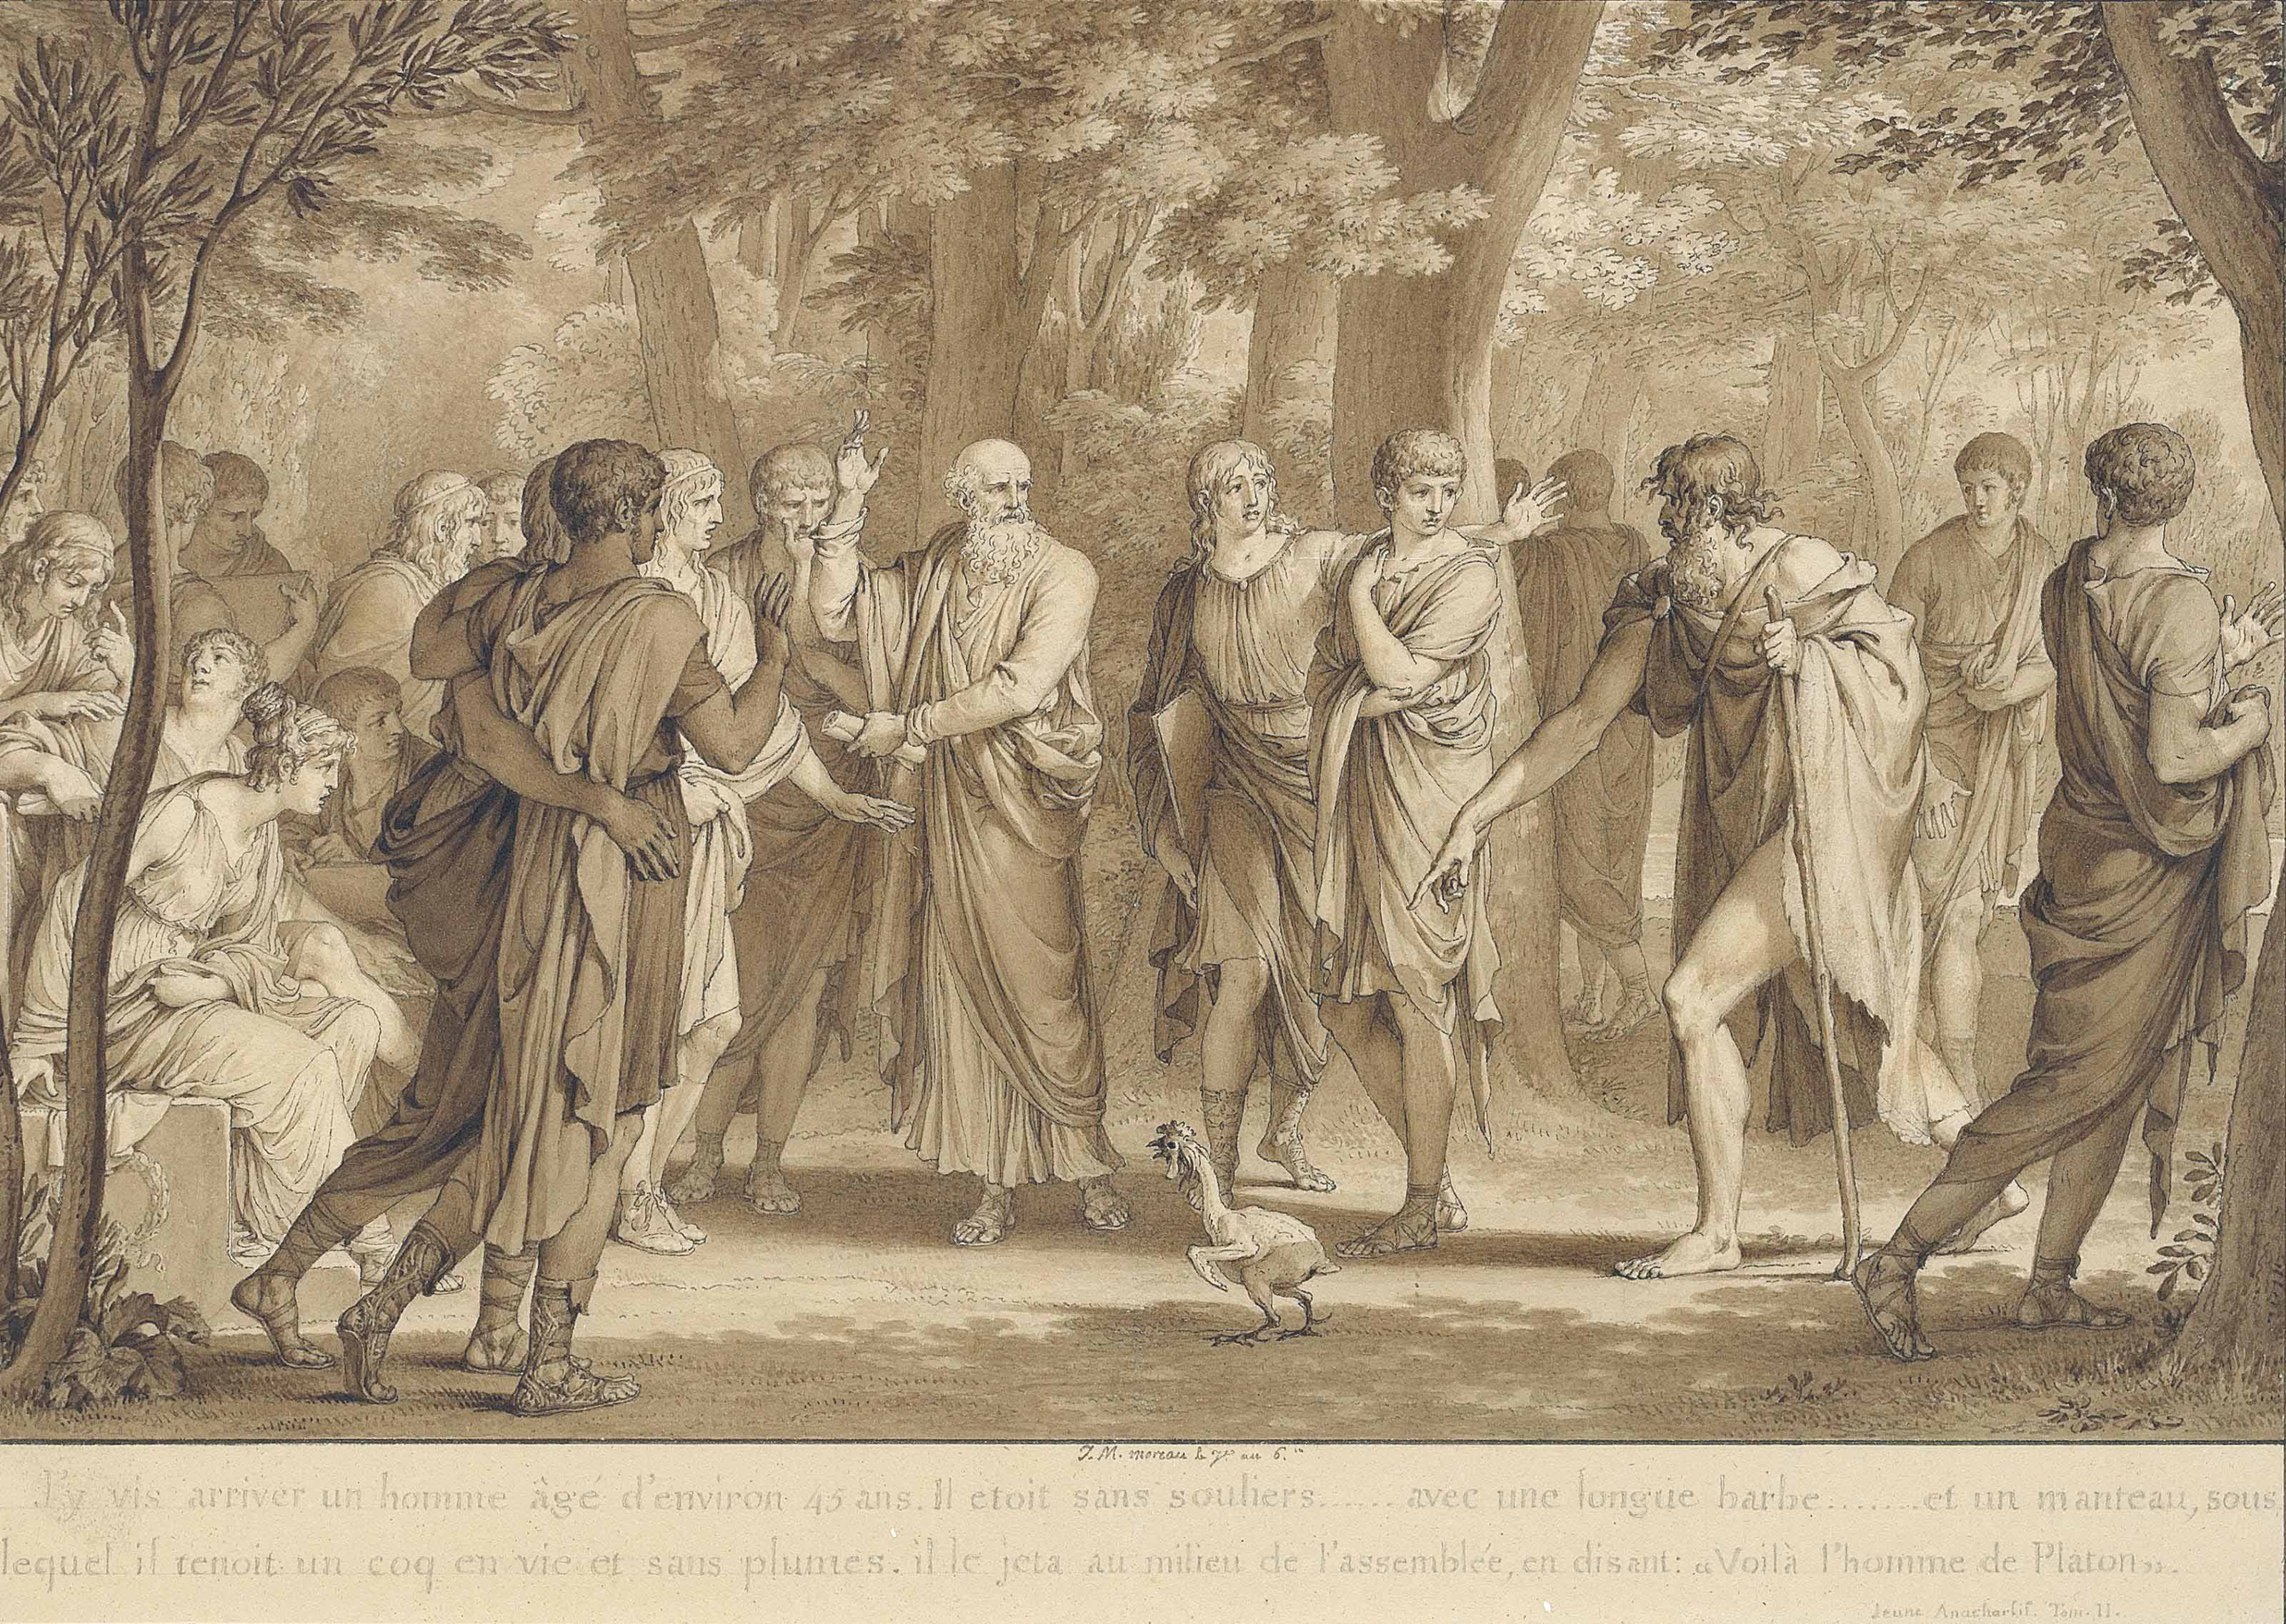 'Voilà l'homme de Platon': An illustration to Jean-Jacques Barthélémy's Voyage du jeune Anacharsis en Grèce